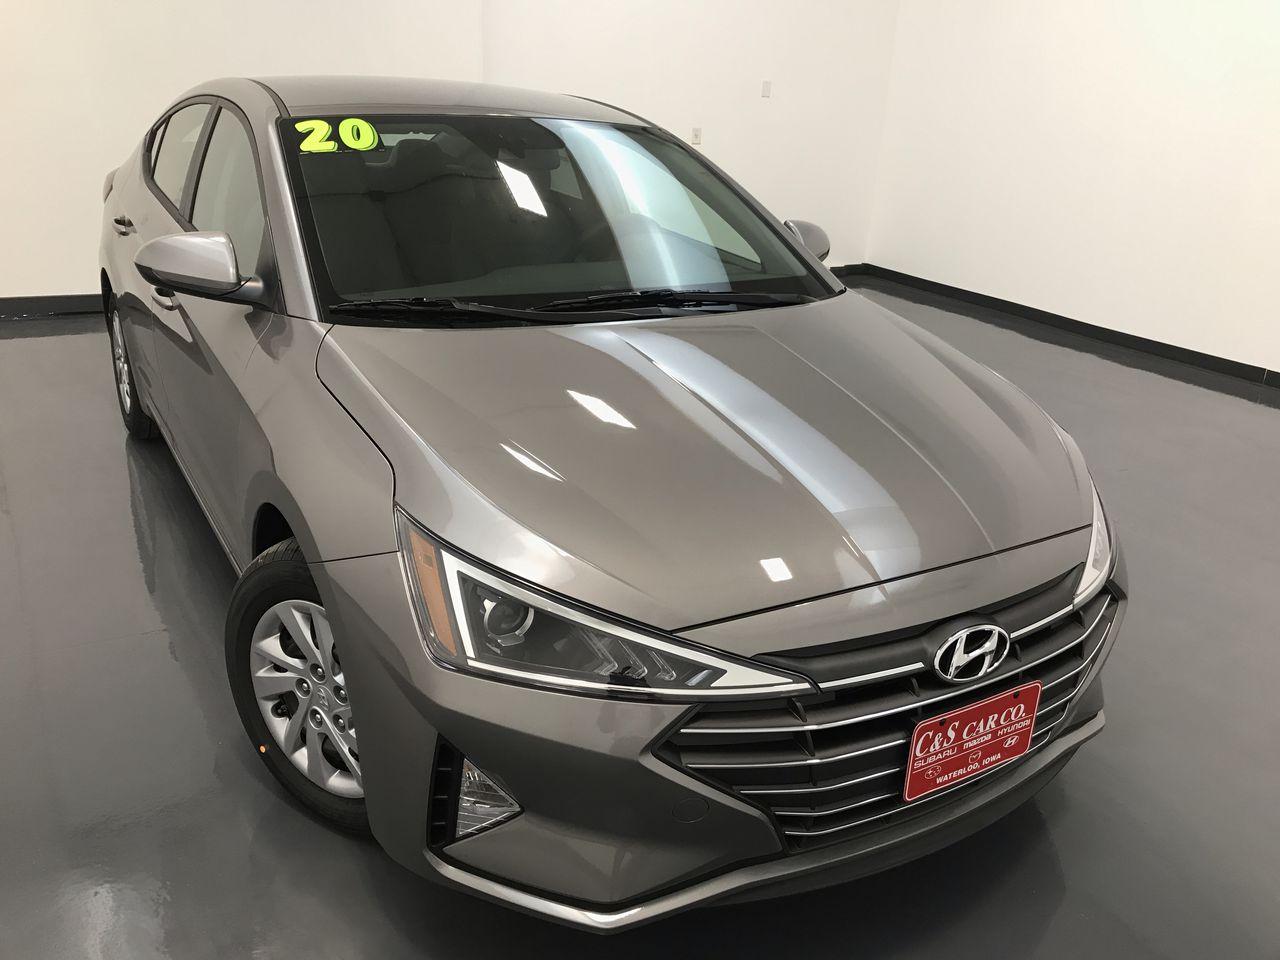 2020 Hyundai Elantra SE  - HY8099  - C & S Car Company